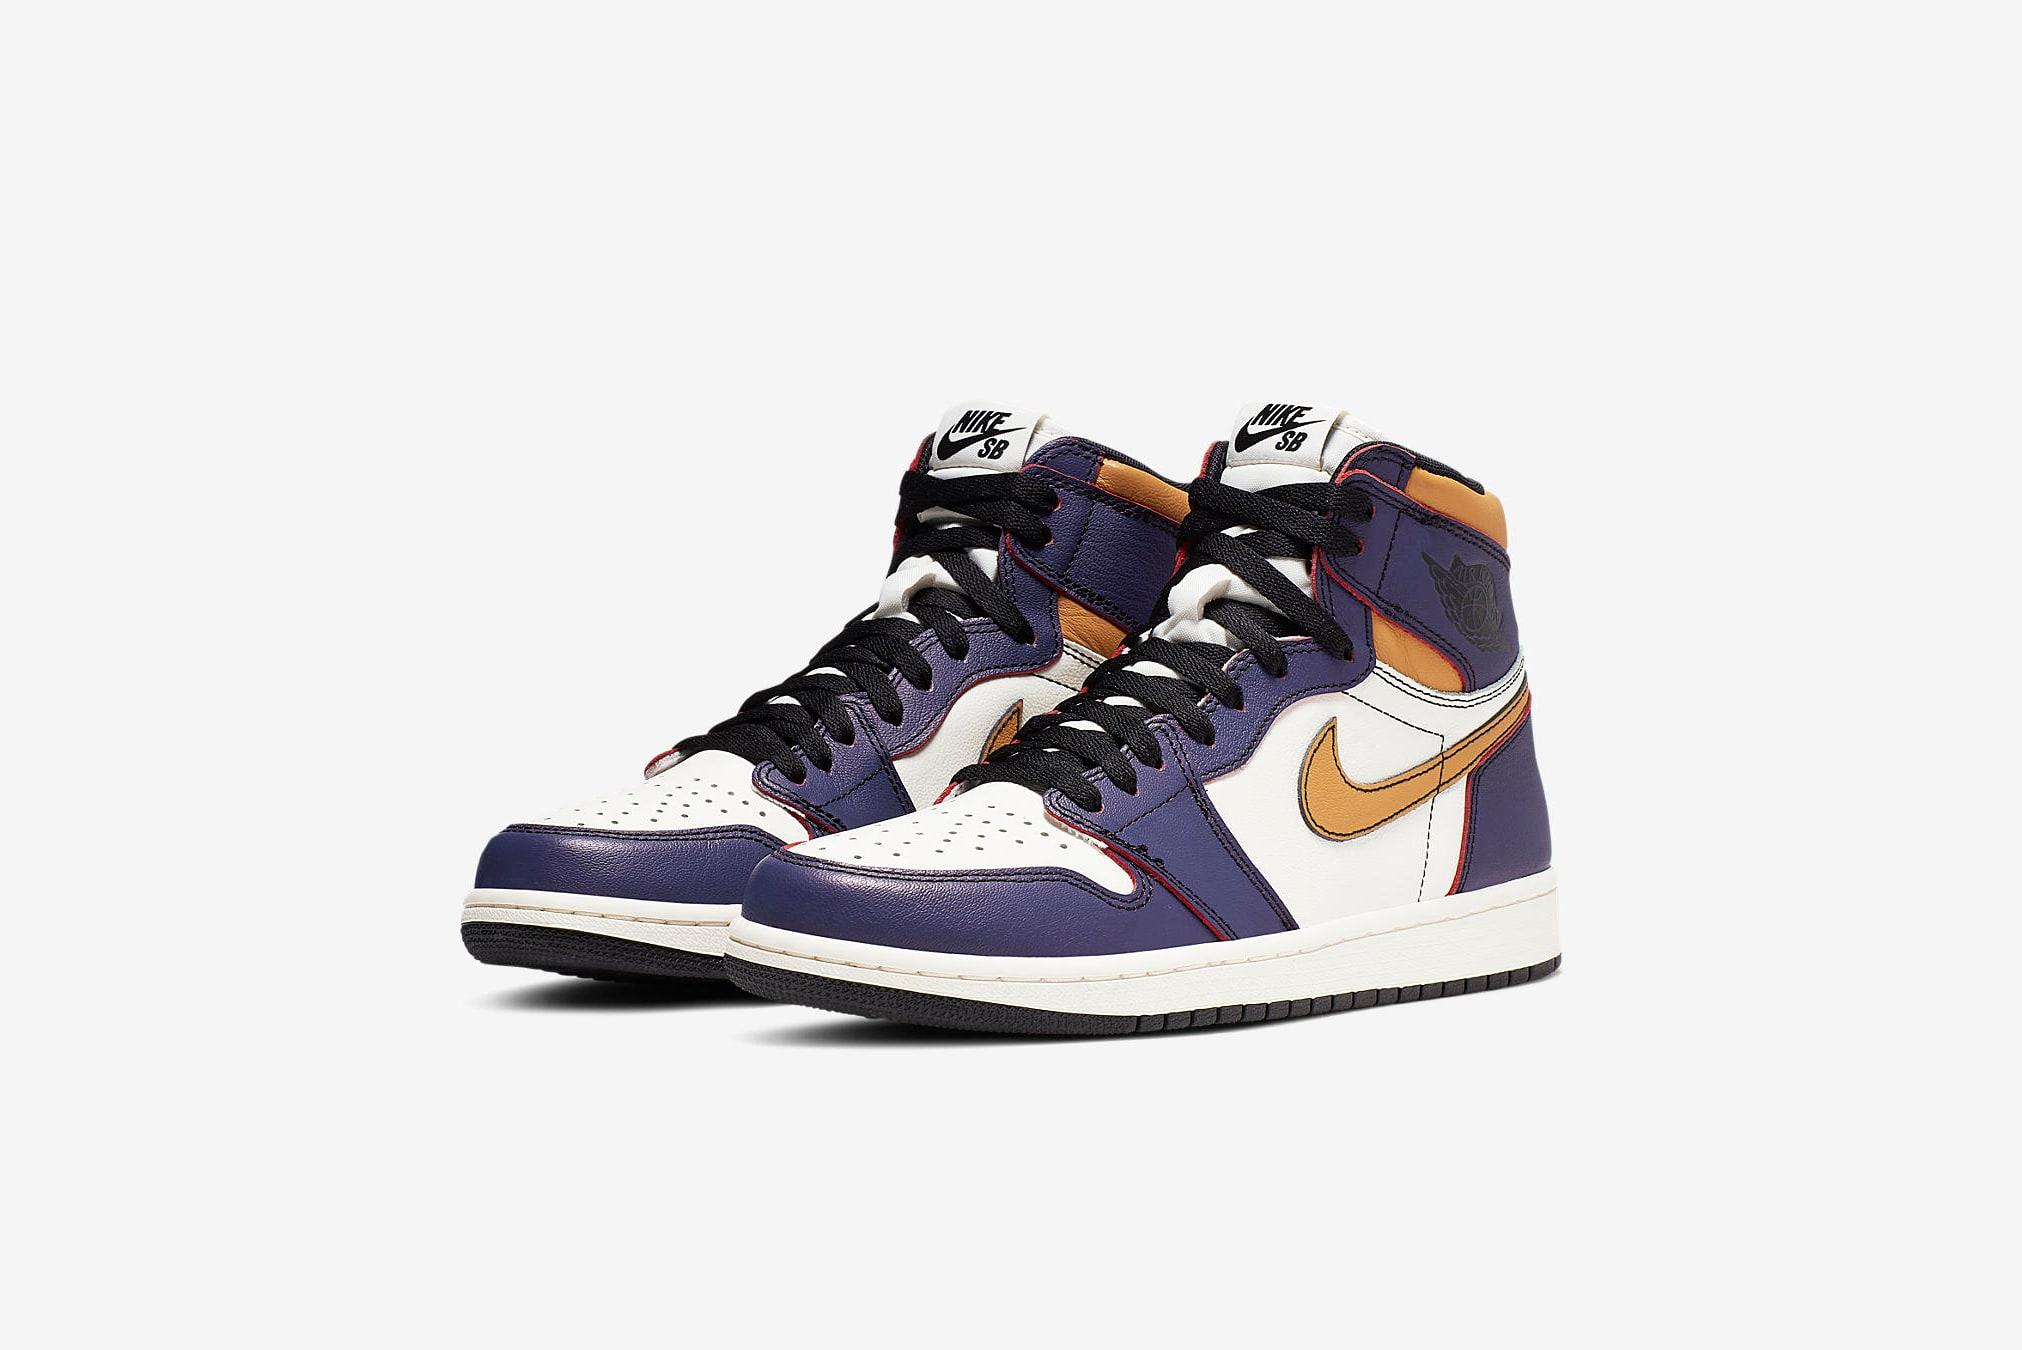 Nike Air Jordan 1 High OG - CD6578-507